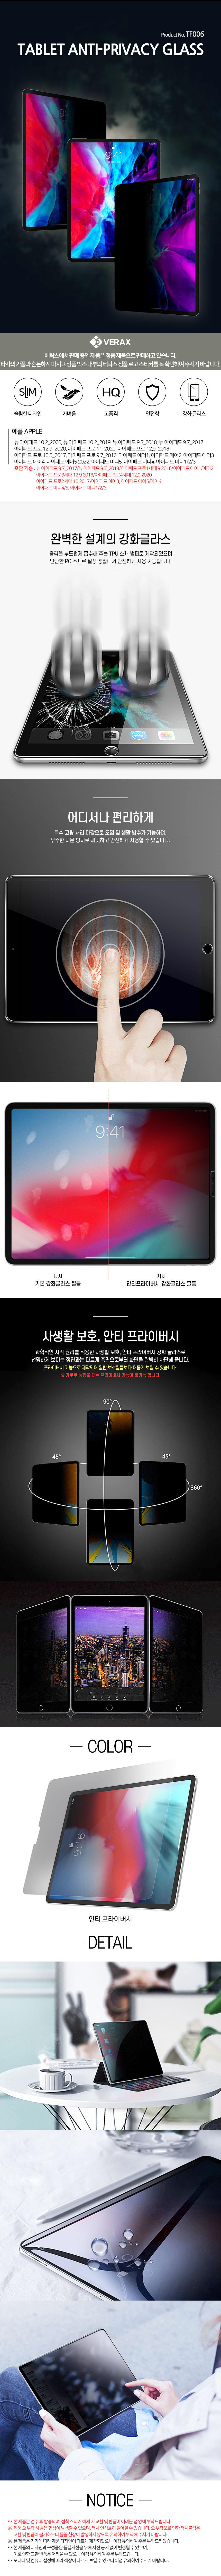 아이패드미니4 안티 프라이버시 태블릿 필름 TF006 - 베락스, 29,800원, 필름/스킨, 아이패드/미니